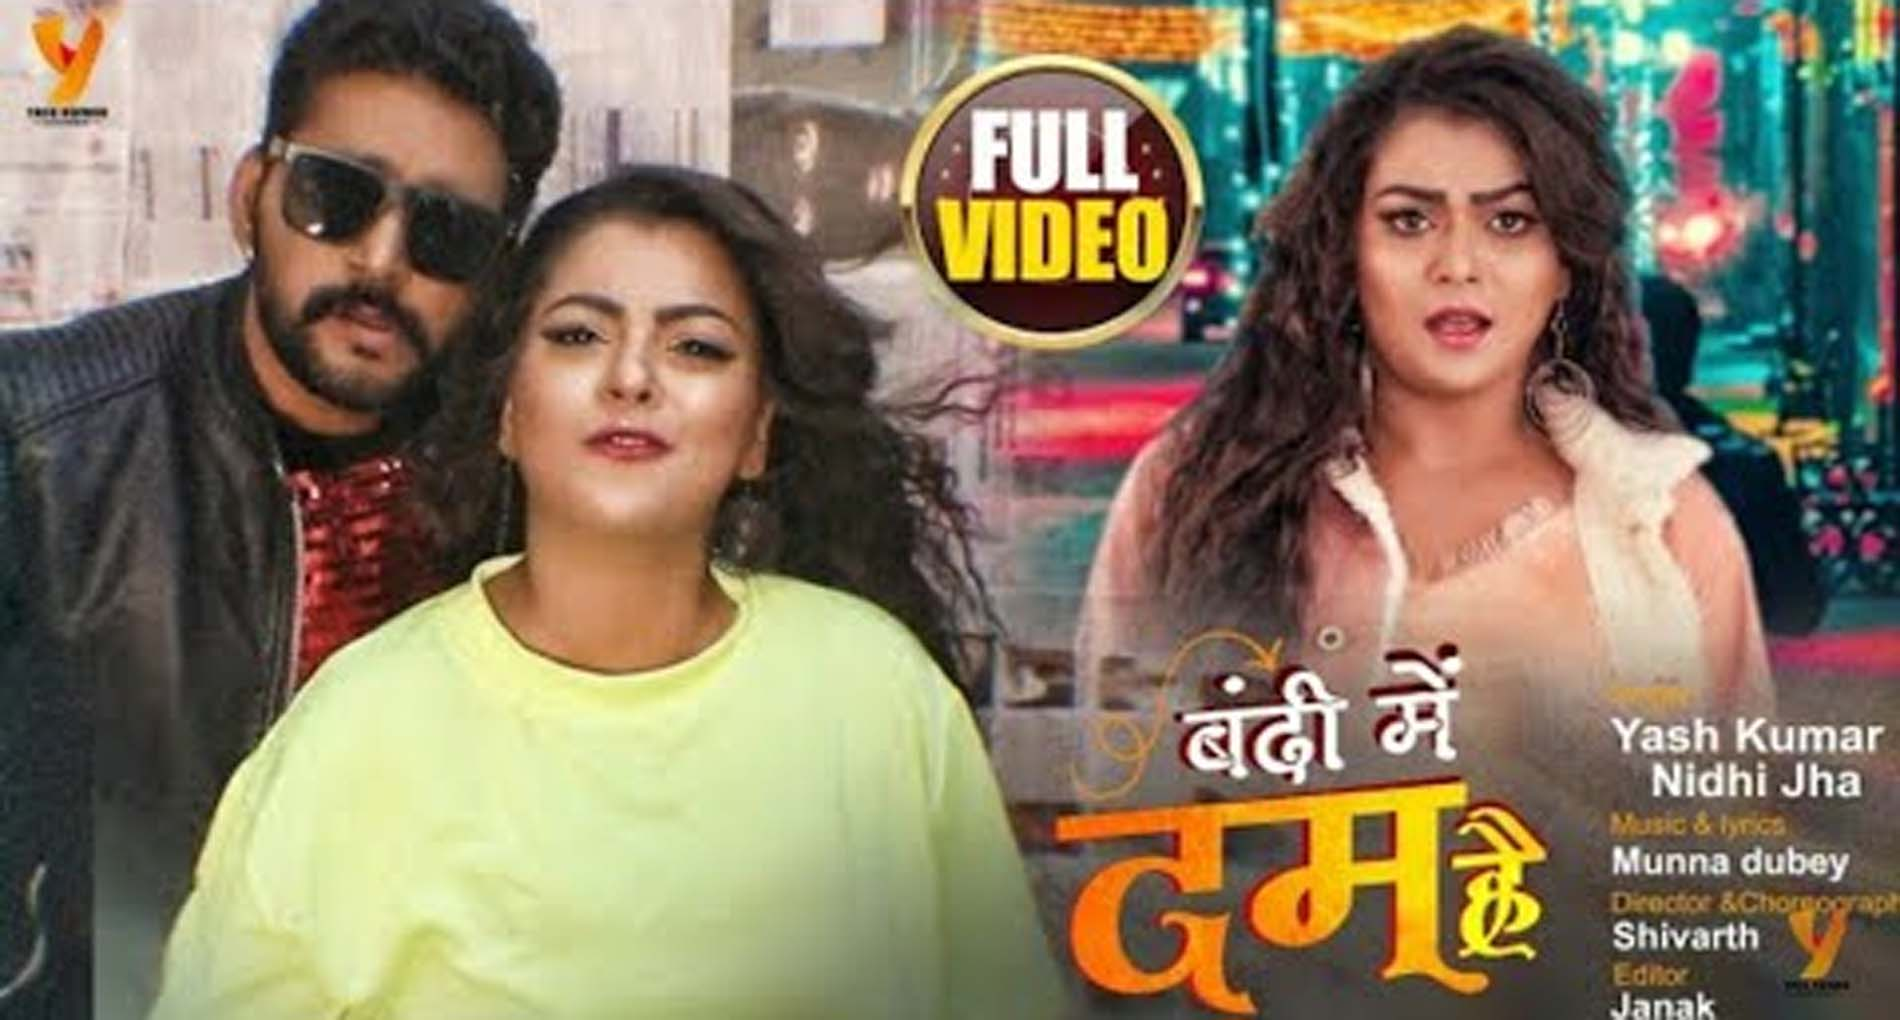 निधि झा के दमदार गाने 'बंदी में दम है' ने रिलीज के साथ ही मचाया धमाल! देखें वीडियो